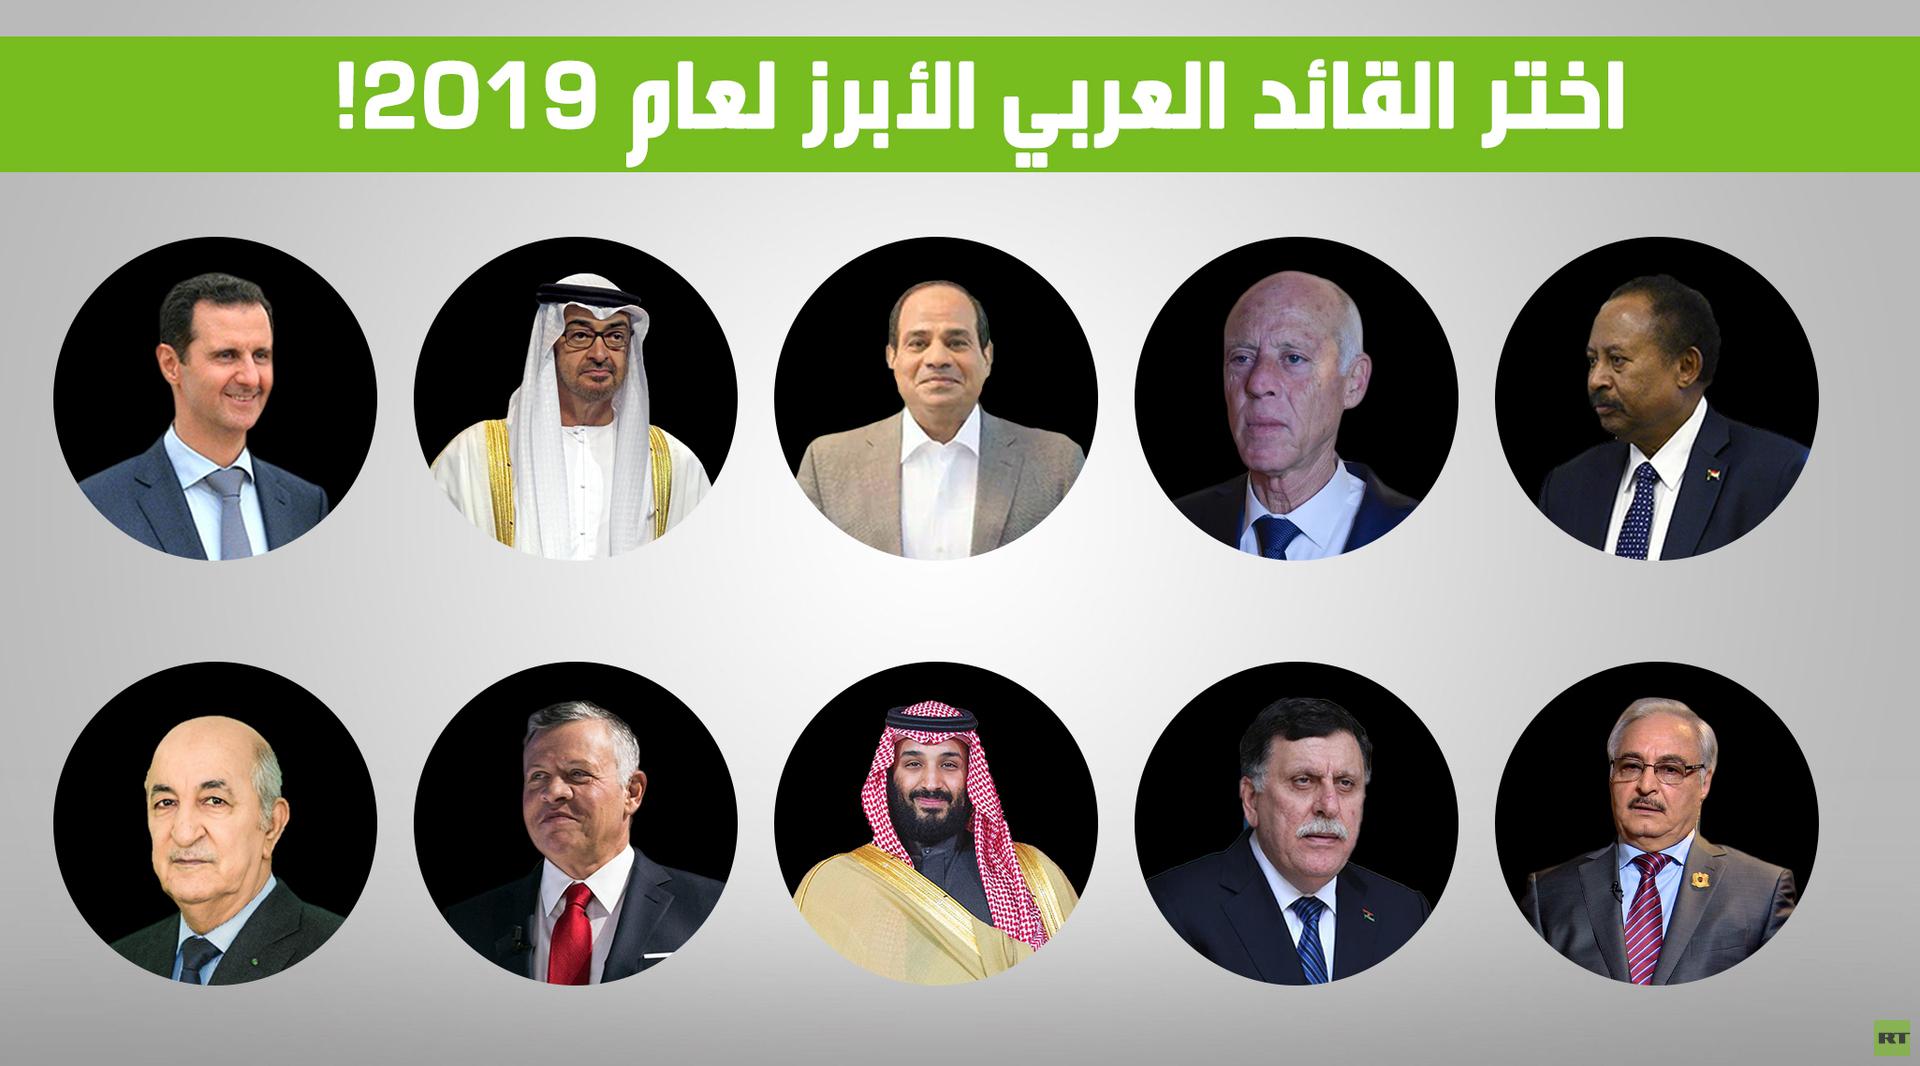 اختر القائد العربي الأبرز للعام 2019!